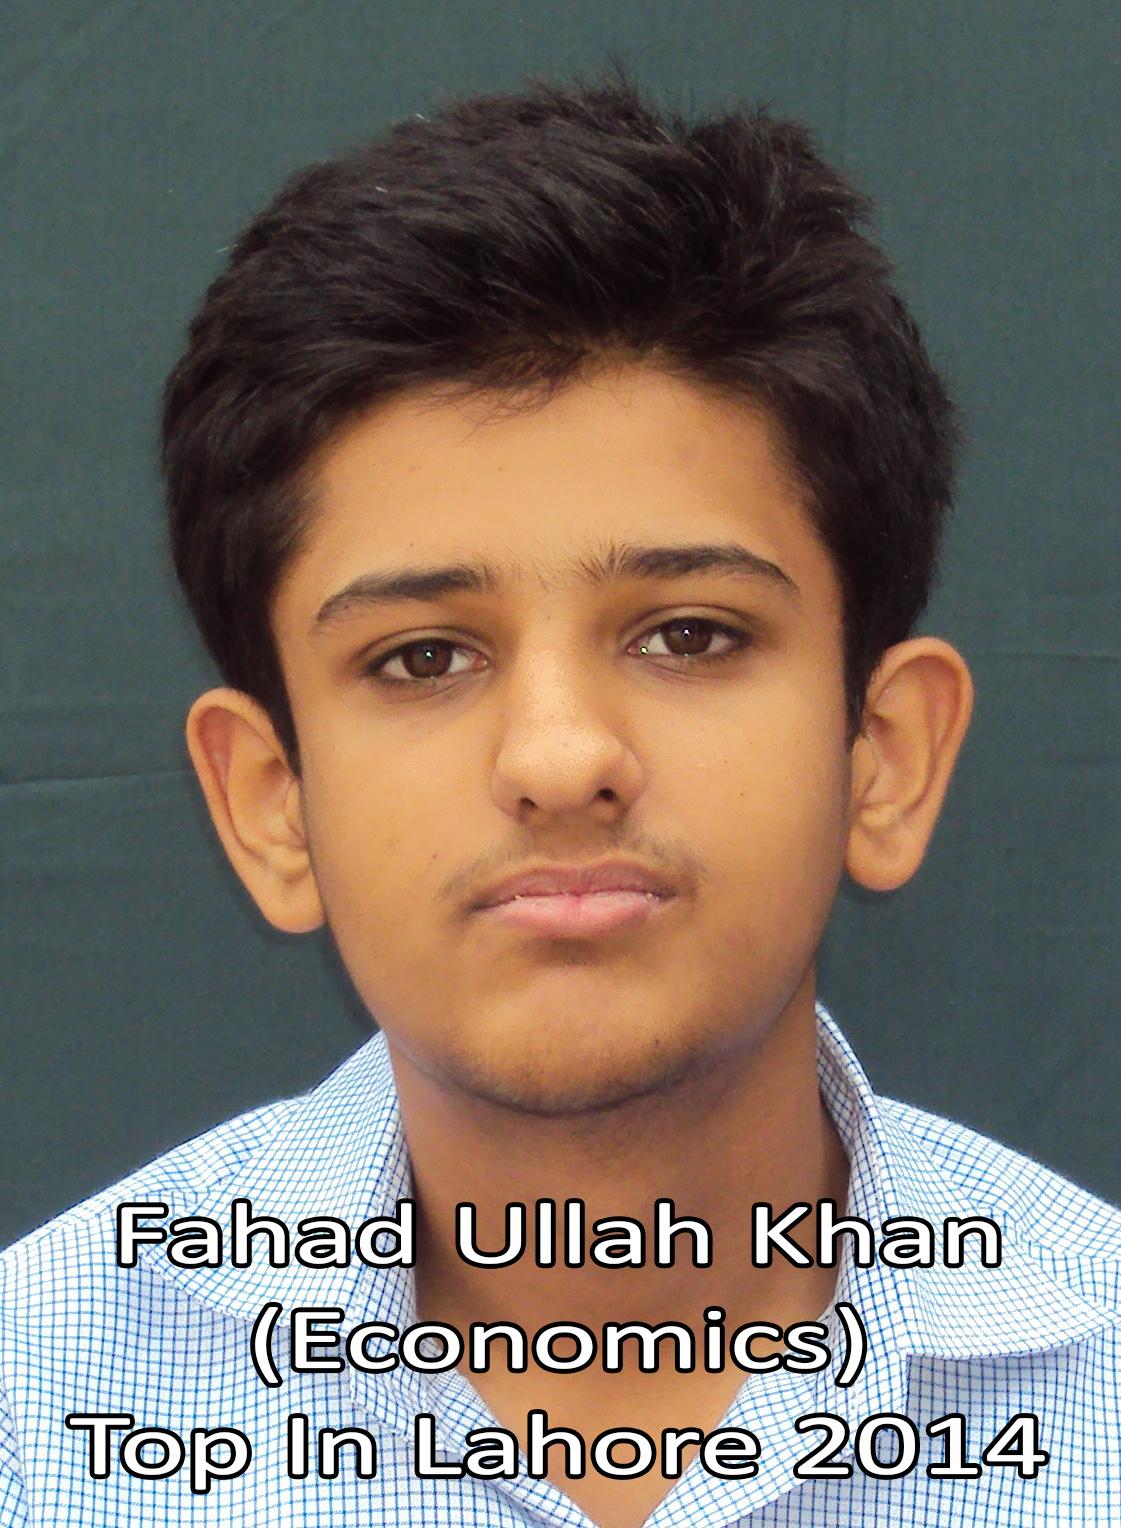 Fahad Ullah Khan Top in Lahore Economics 2014